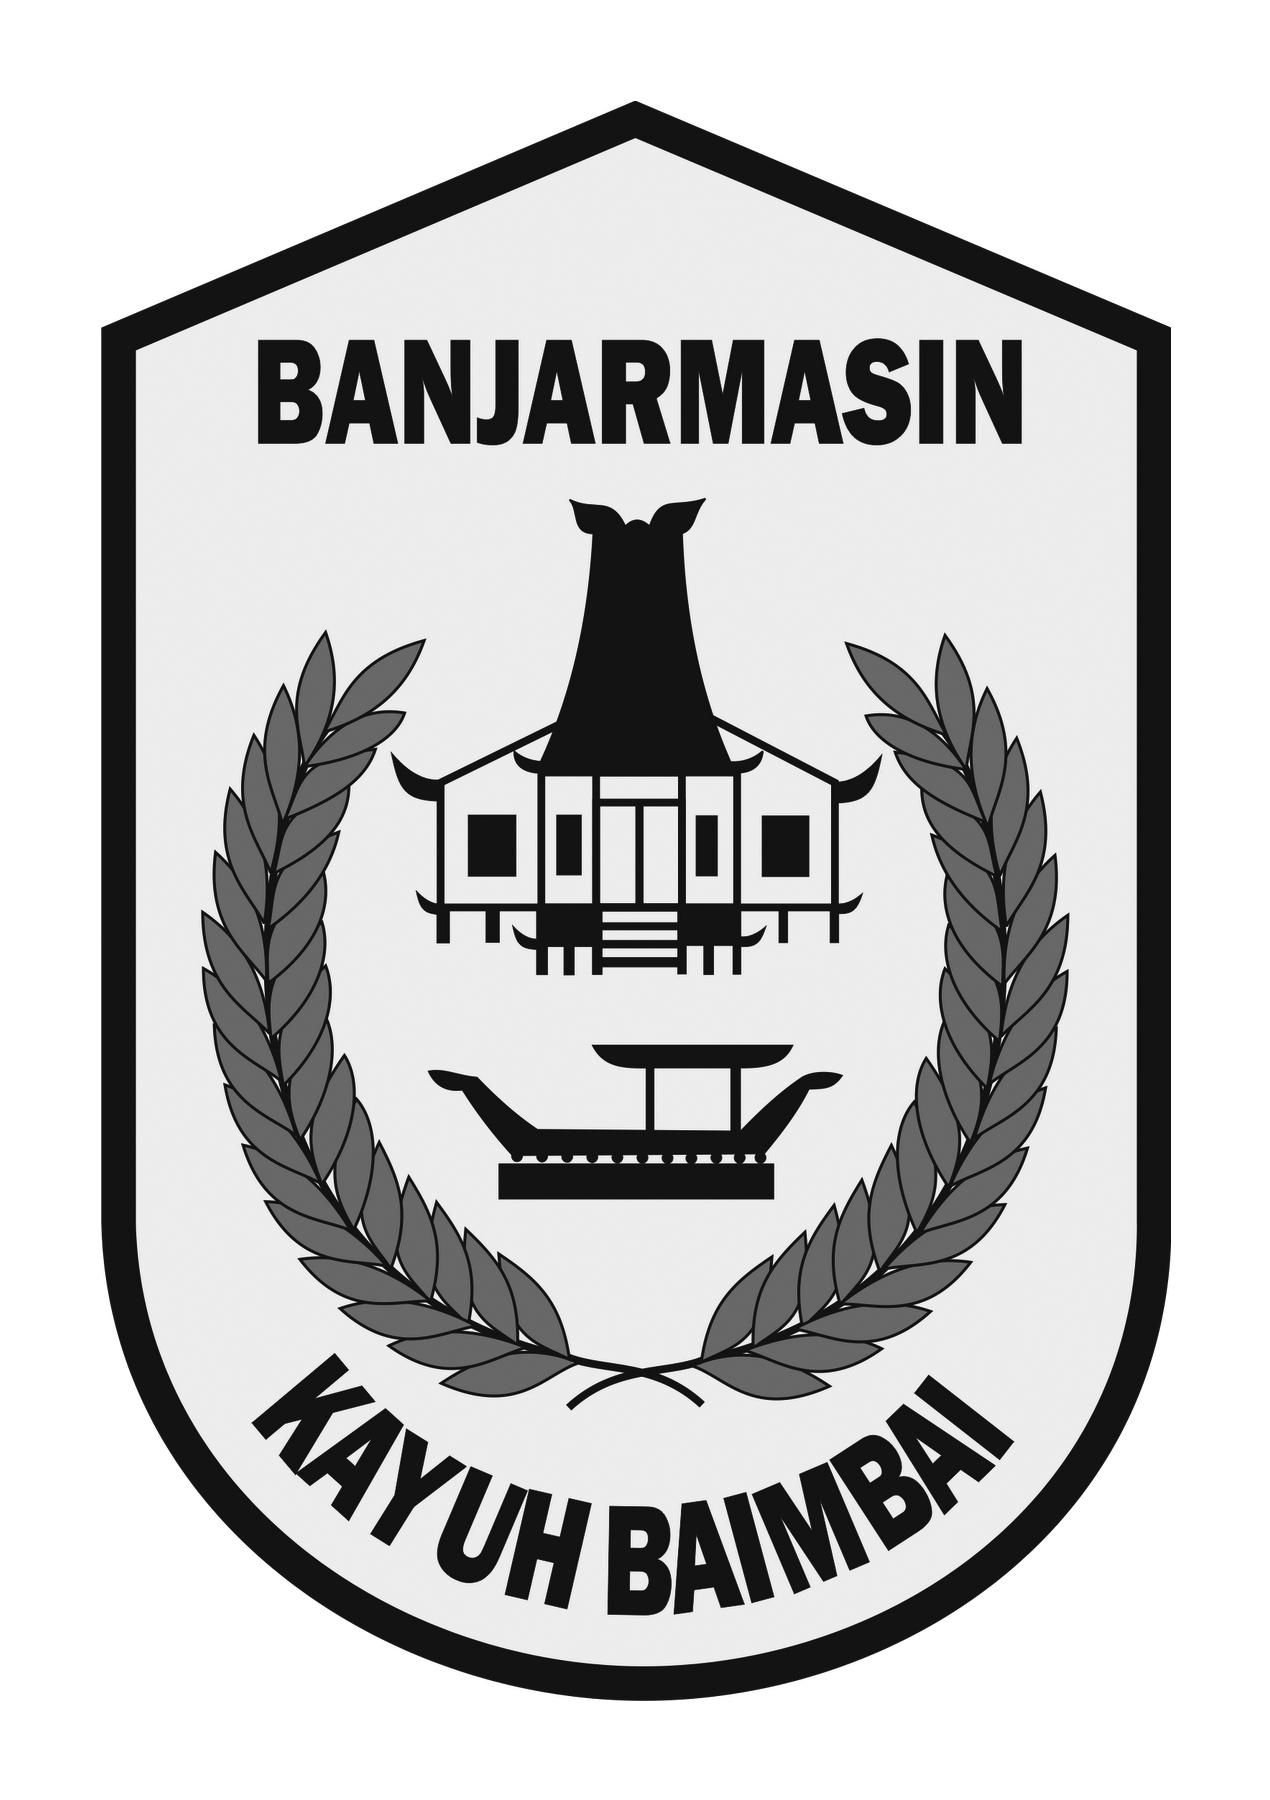 Logo Banjarmasin (Kota Banjarmasin Kalimantan Selatan) Grayscale